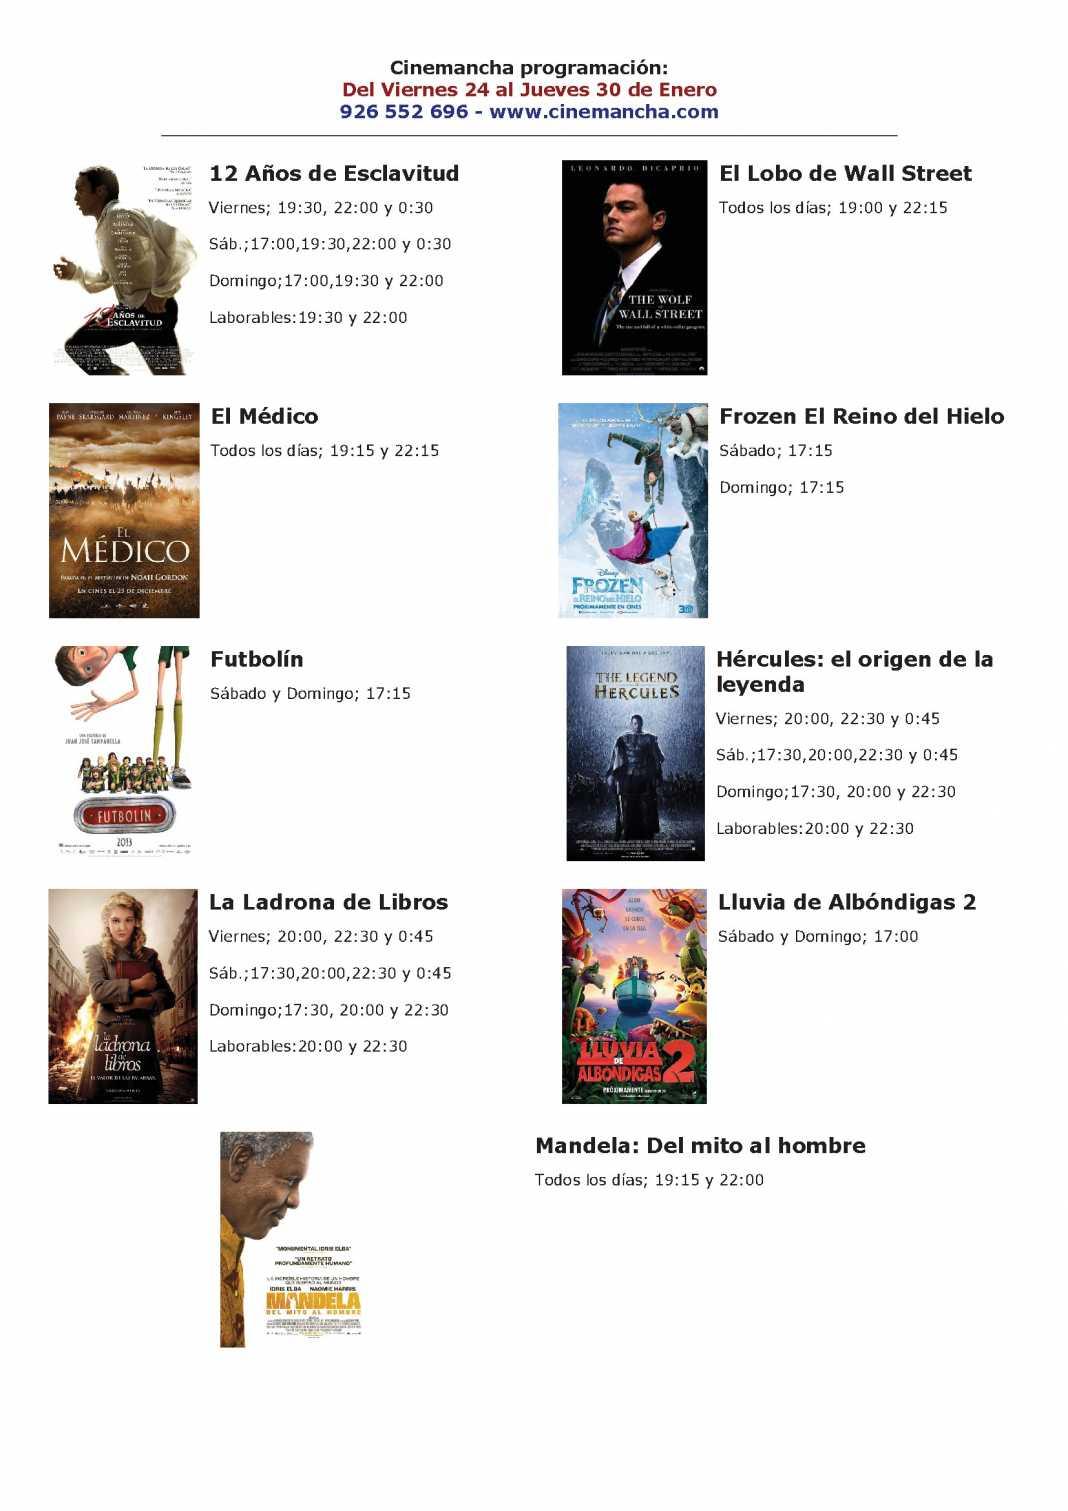 cartelera de cinemancha del 24 al 30 de enero 1068x1511 - Programación Cinemancha del viernes 24 al jueves 30